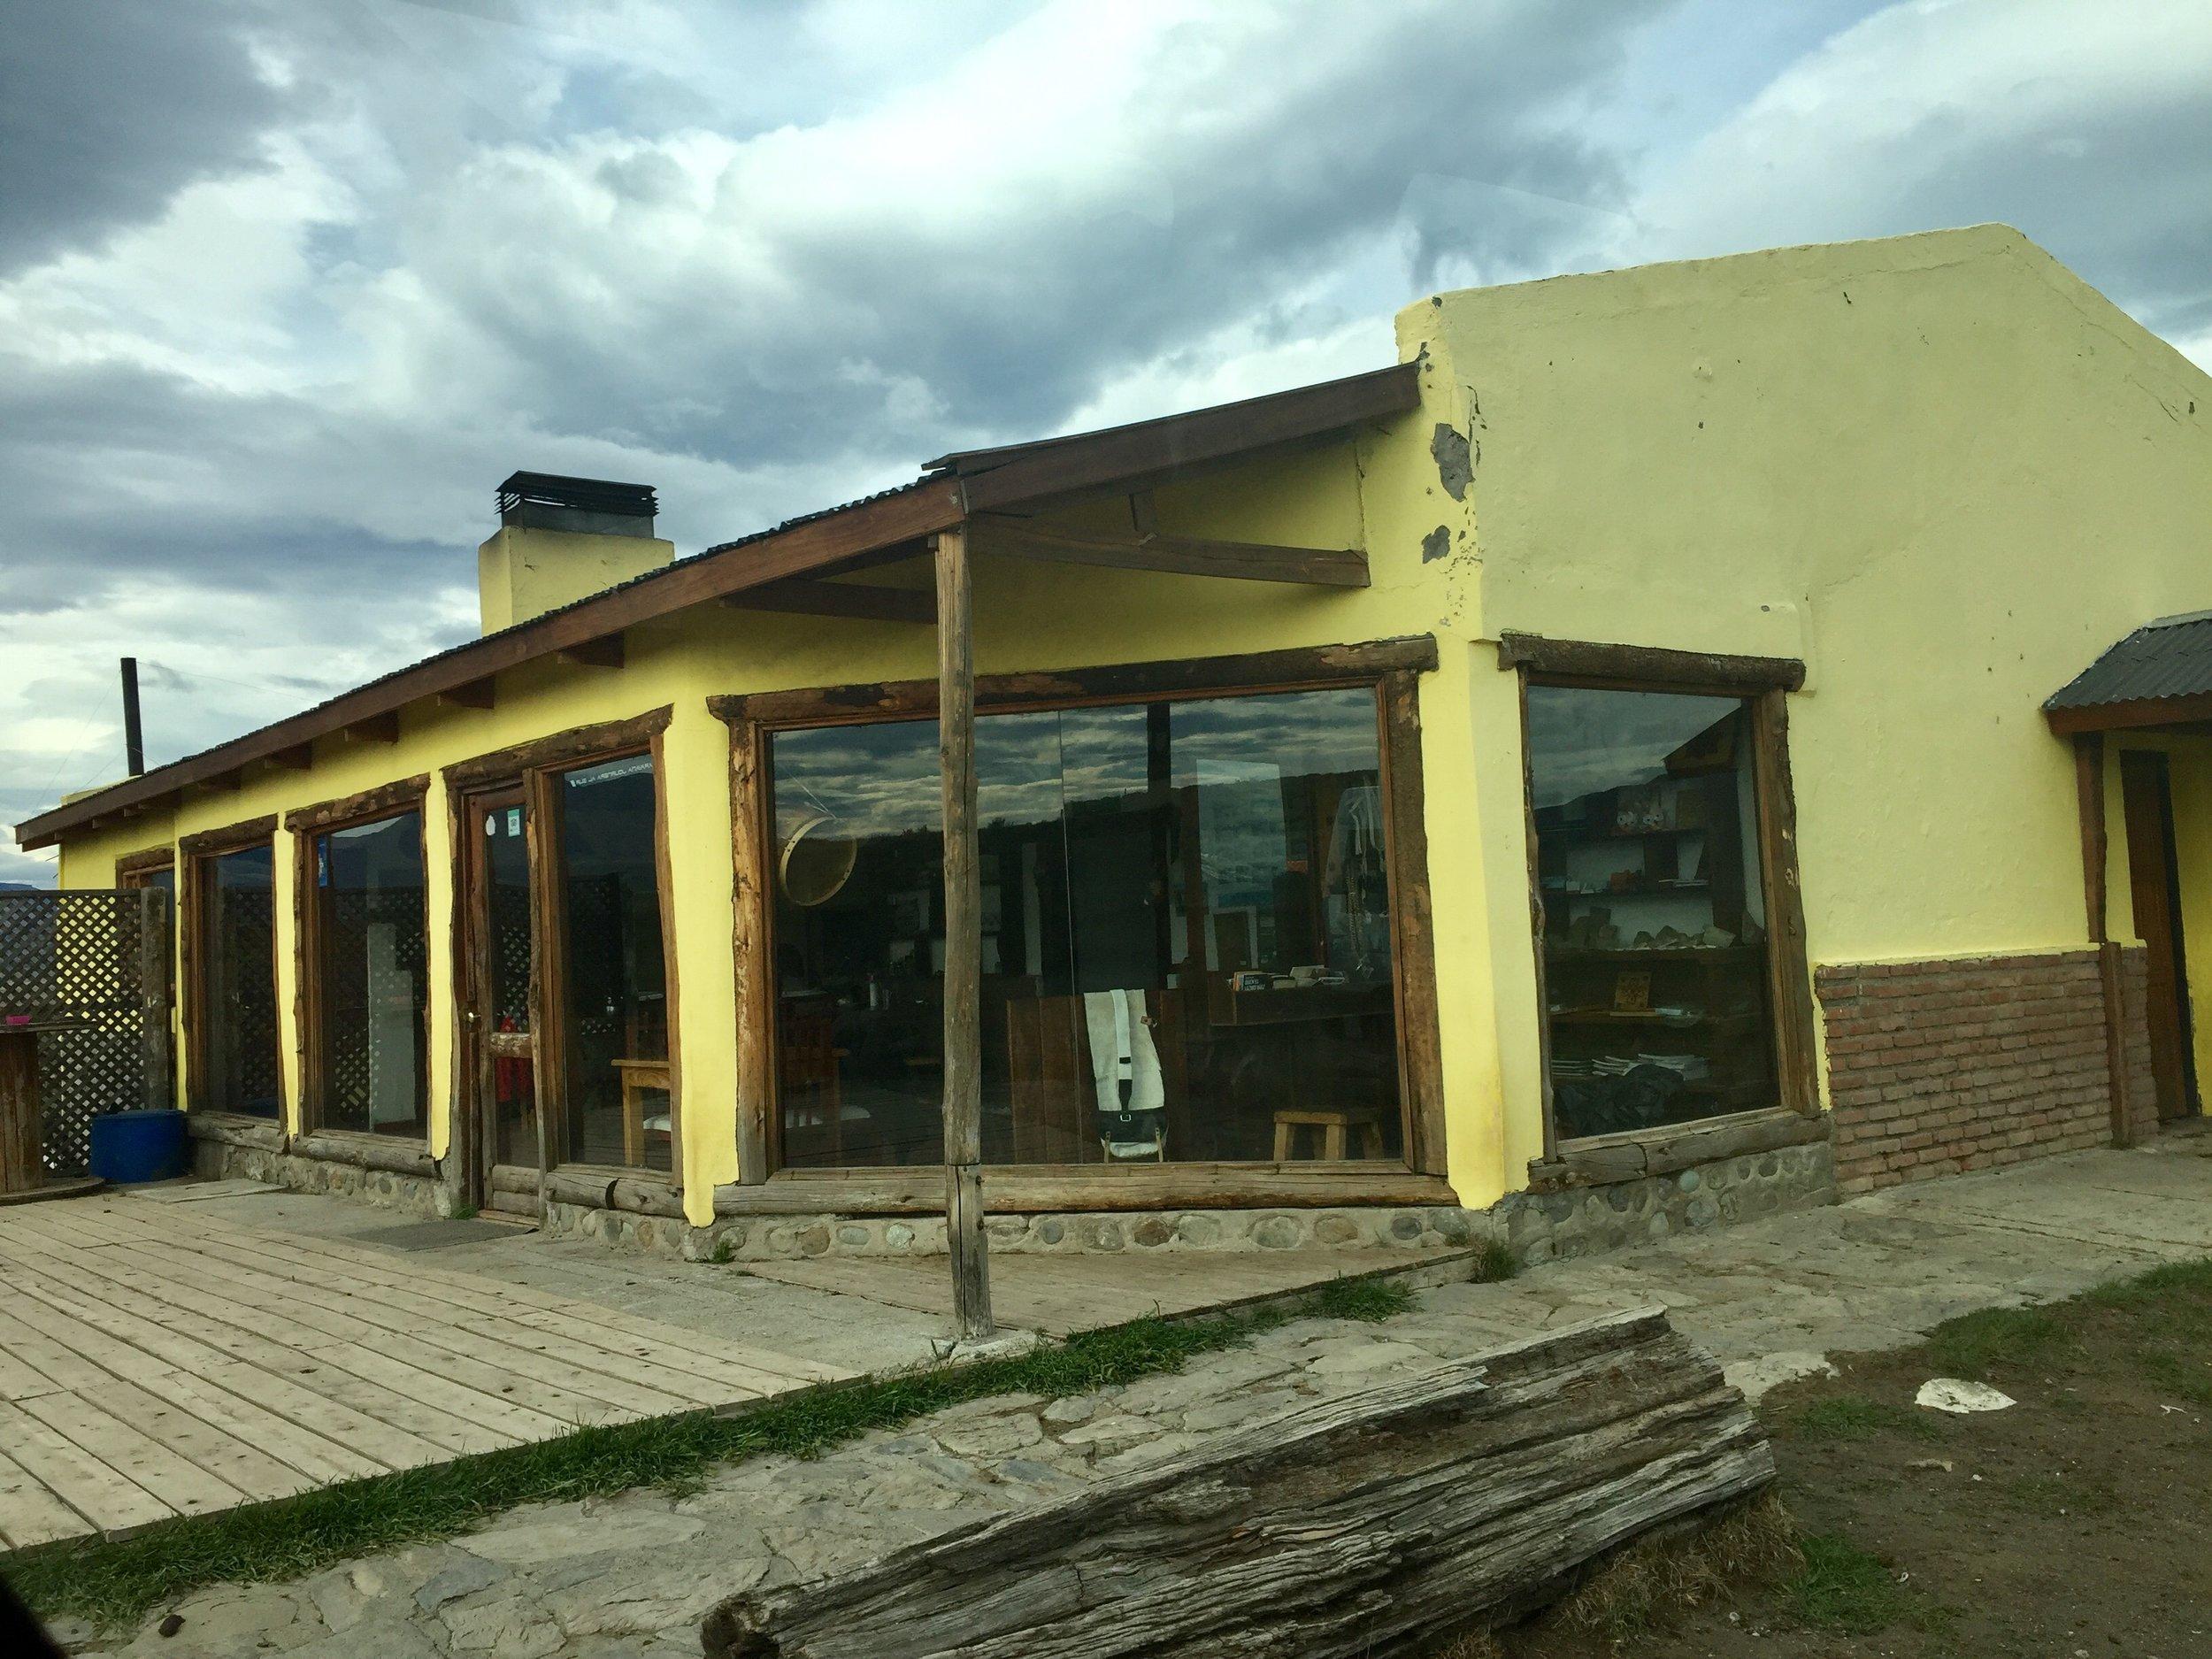 The Estancia out building